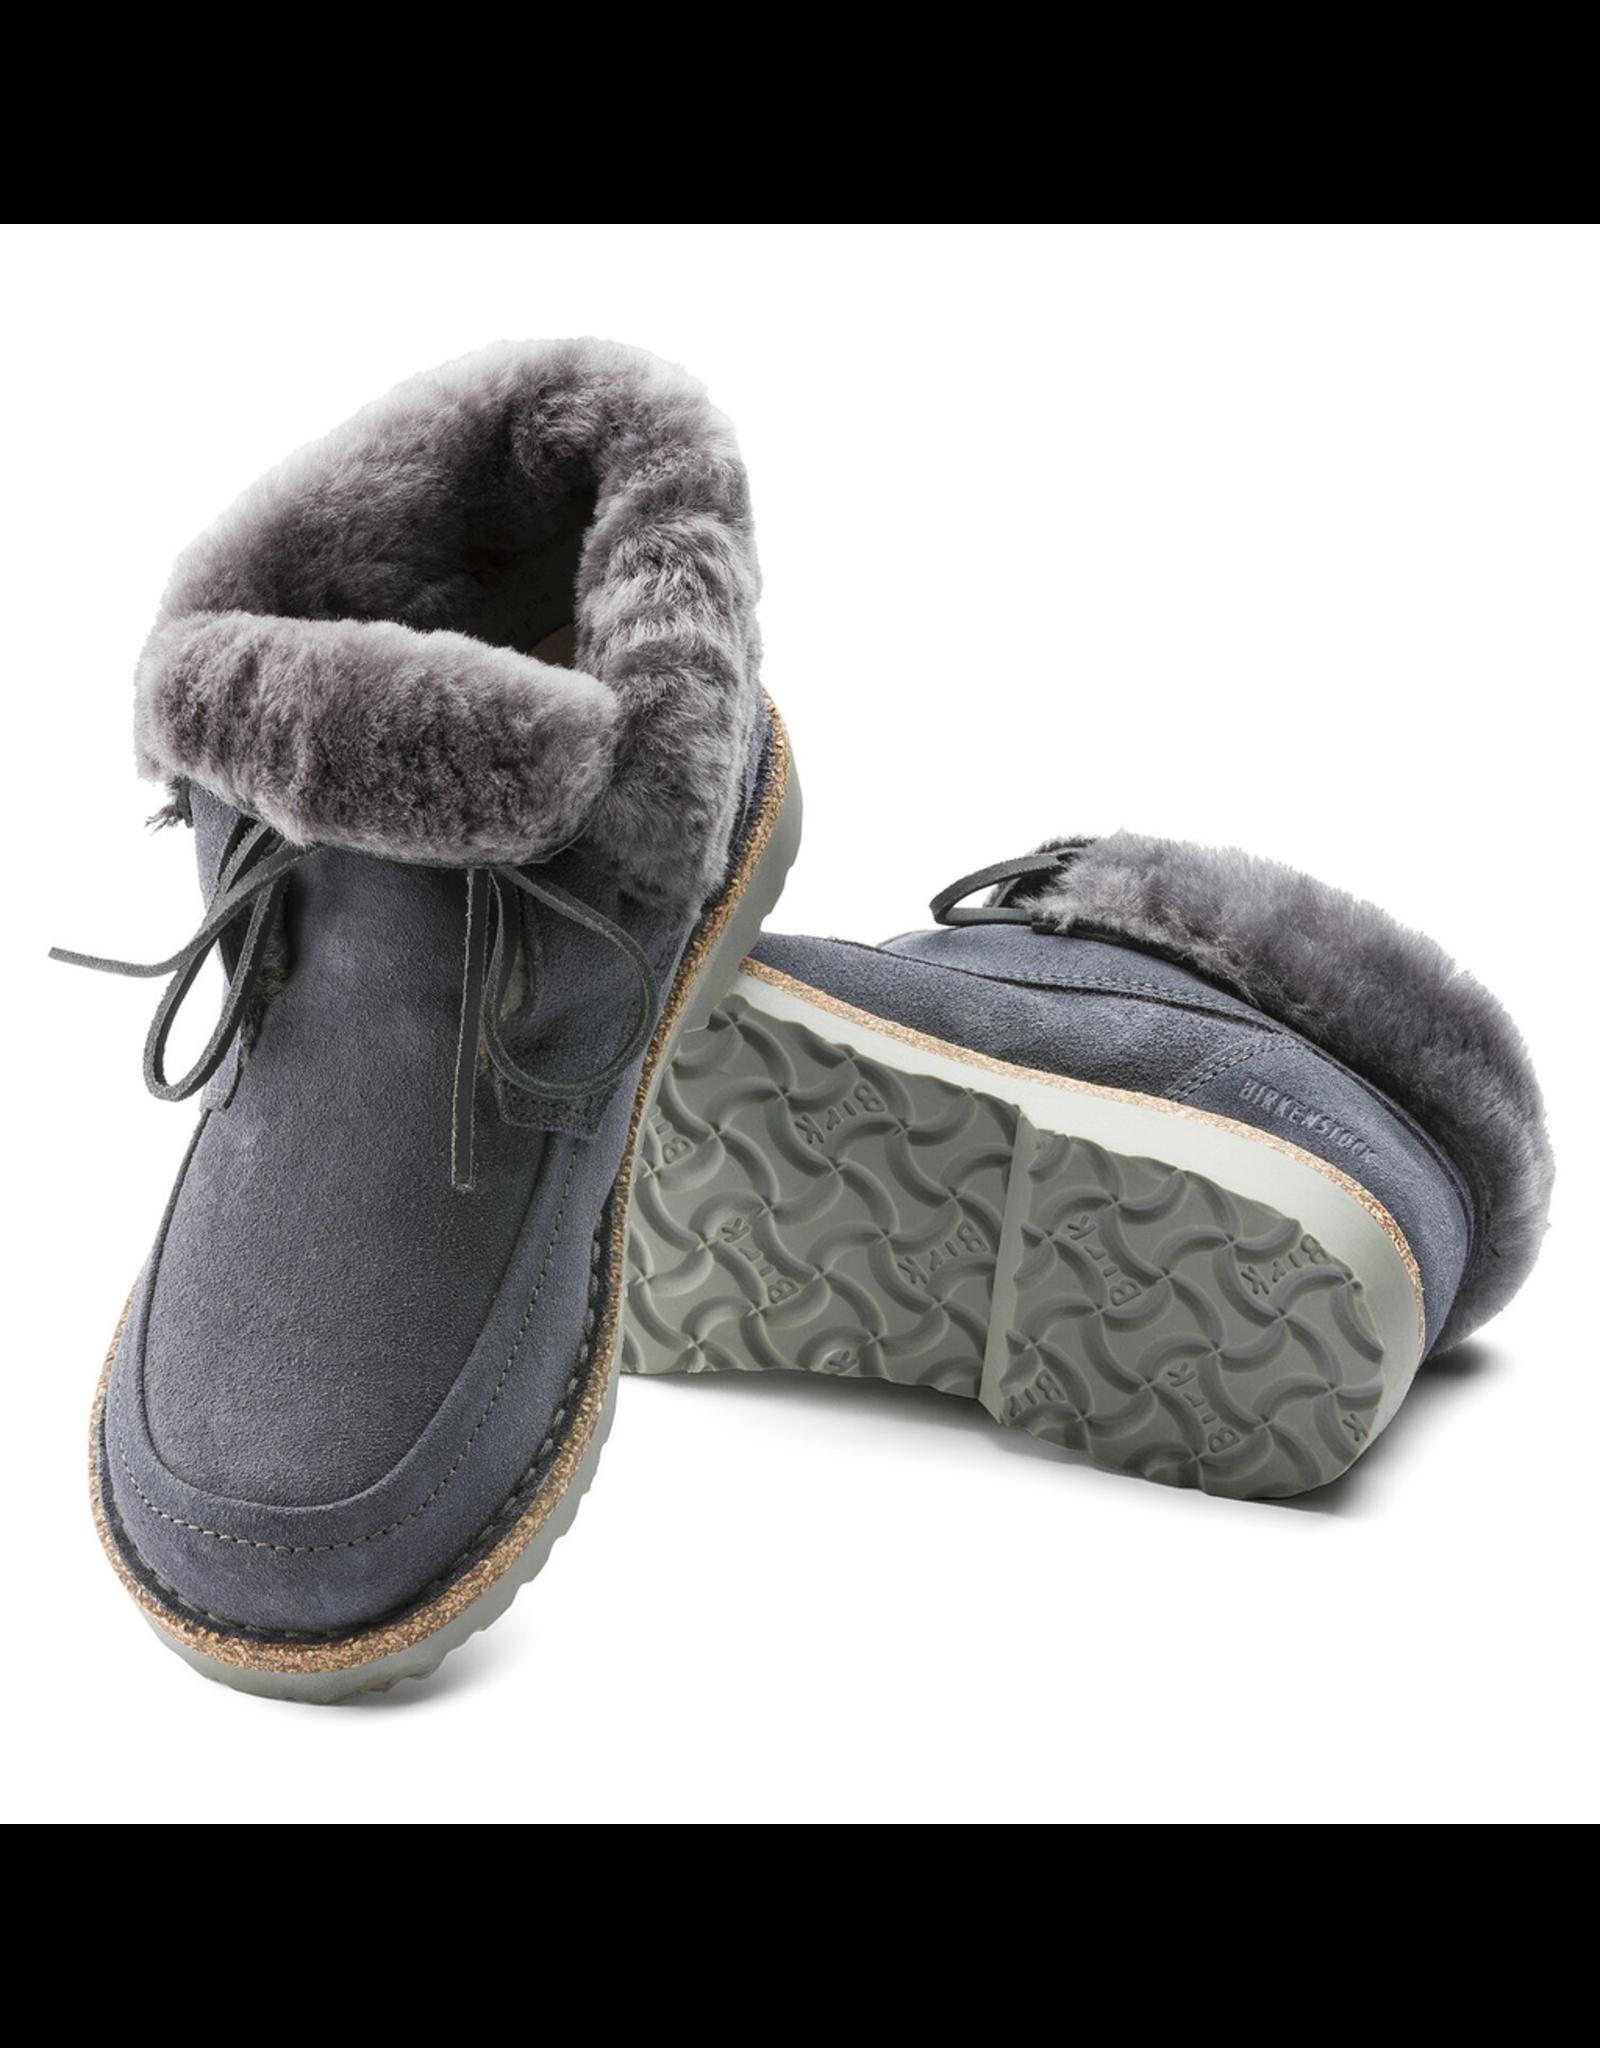 Birkenstock Bakki Suede Boot